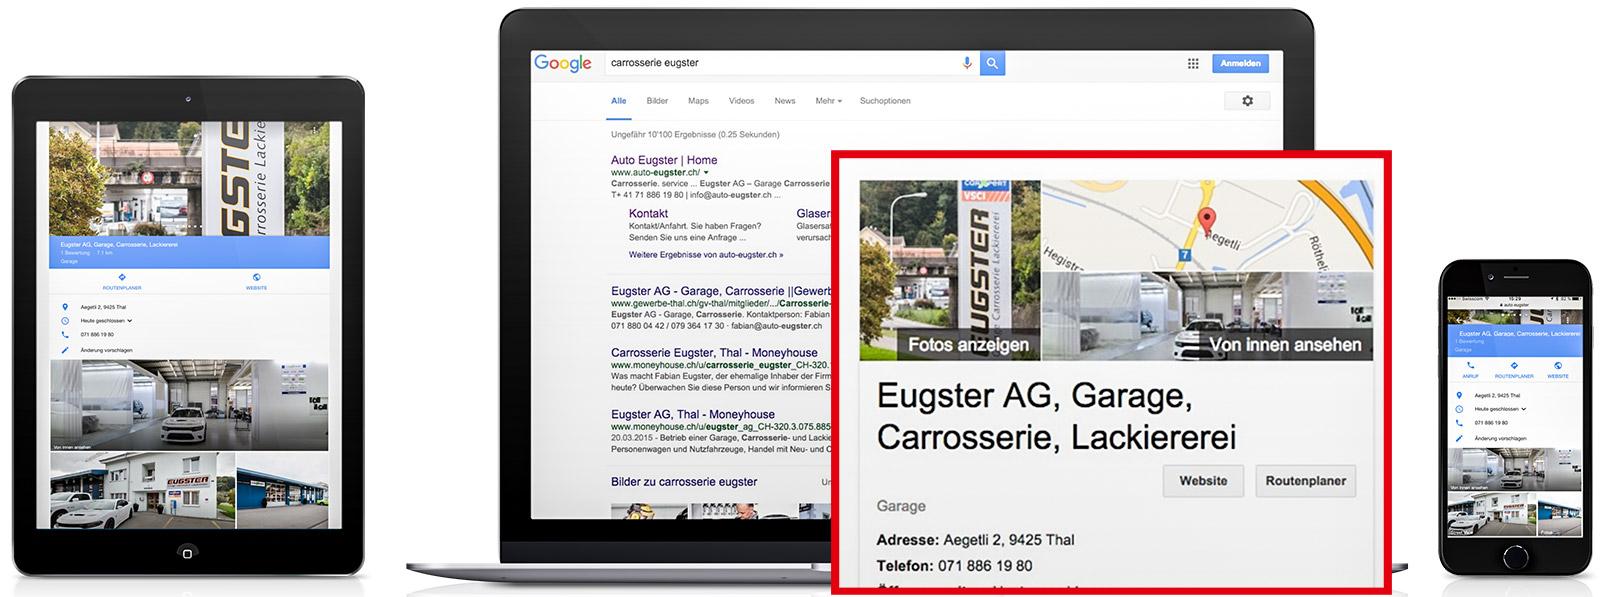 Aufwertung des Branchenbuch-Eintrags bei Google Suche, Maps und Street View durch den virtuellen Rundgang.